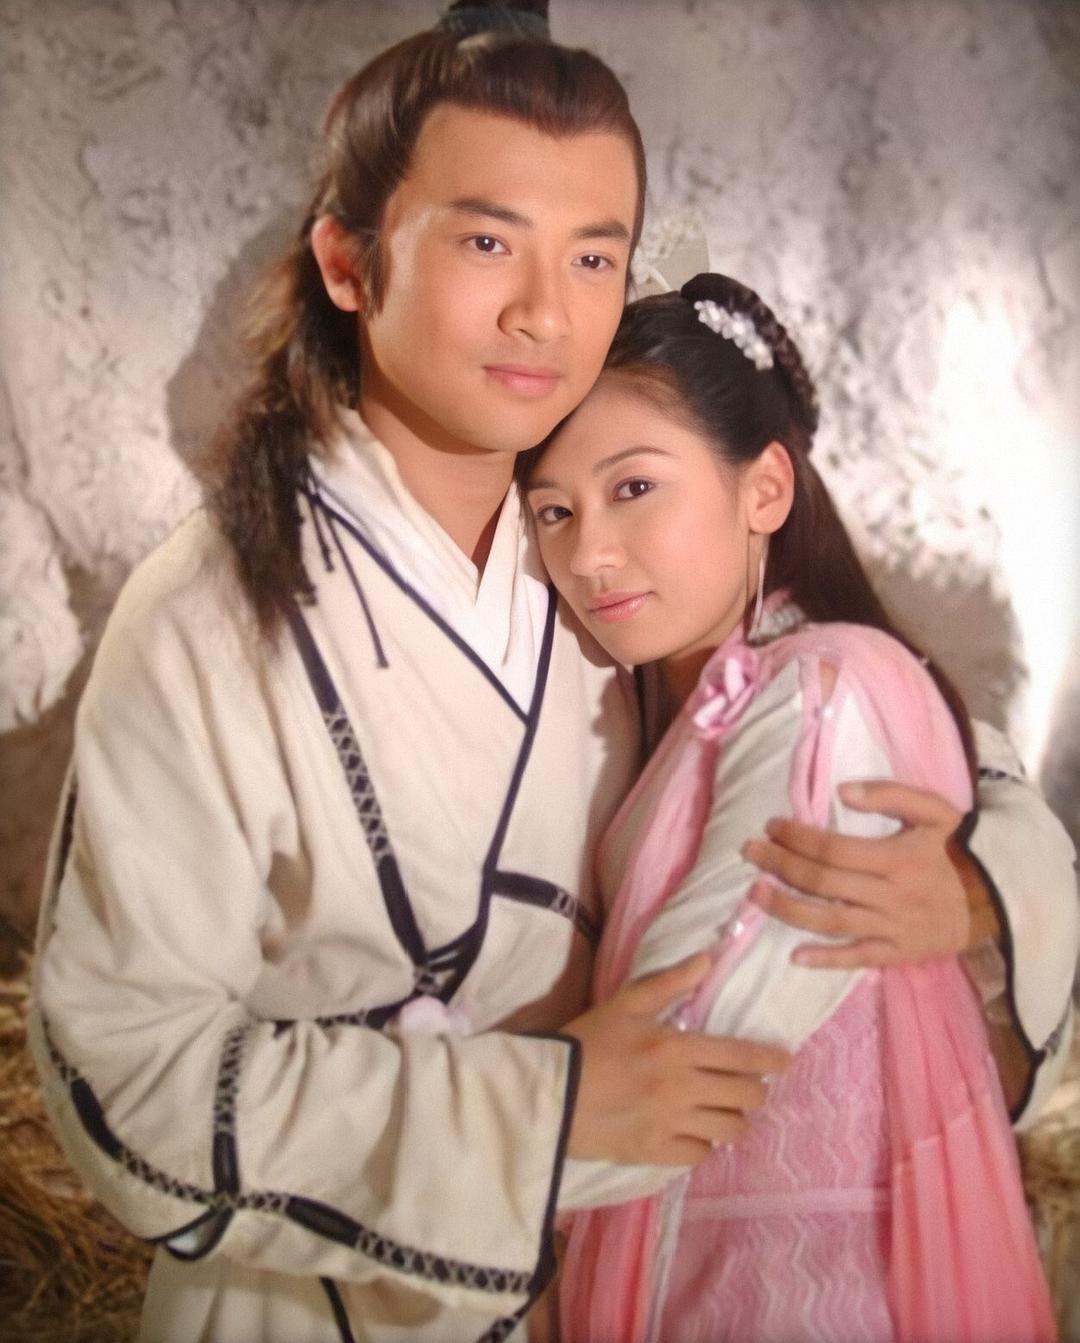 黄蓉赵敏为代表,金庸女主几乎全是男人的附庸,而古龙才是真女权